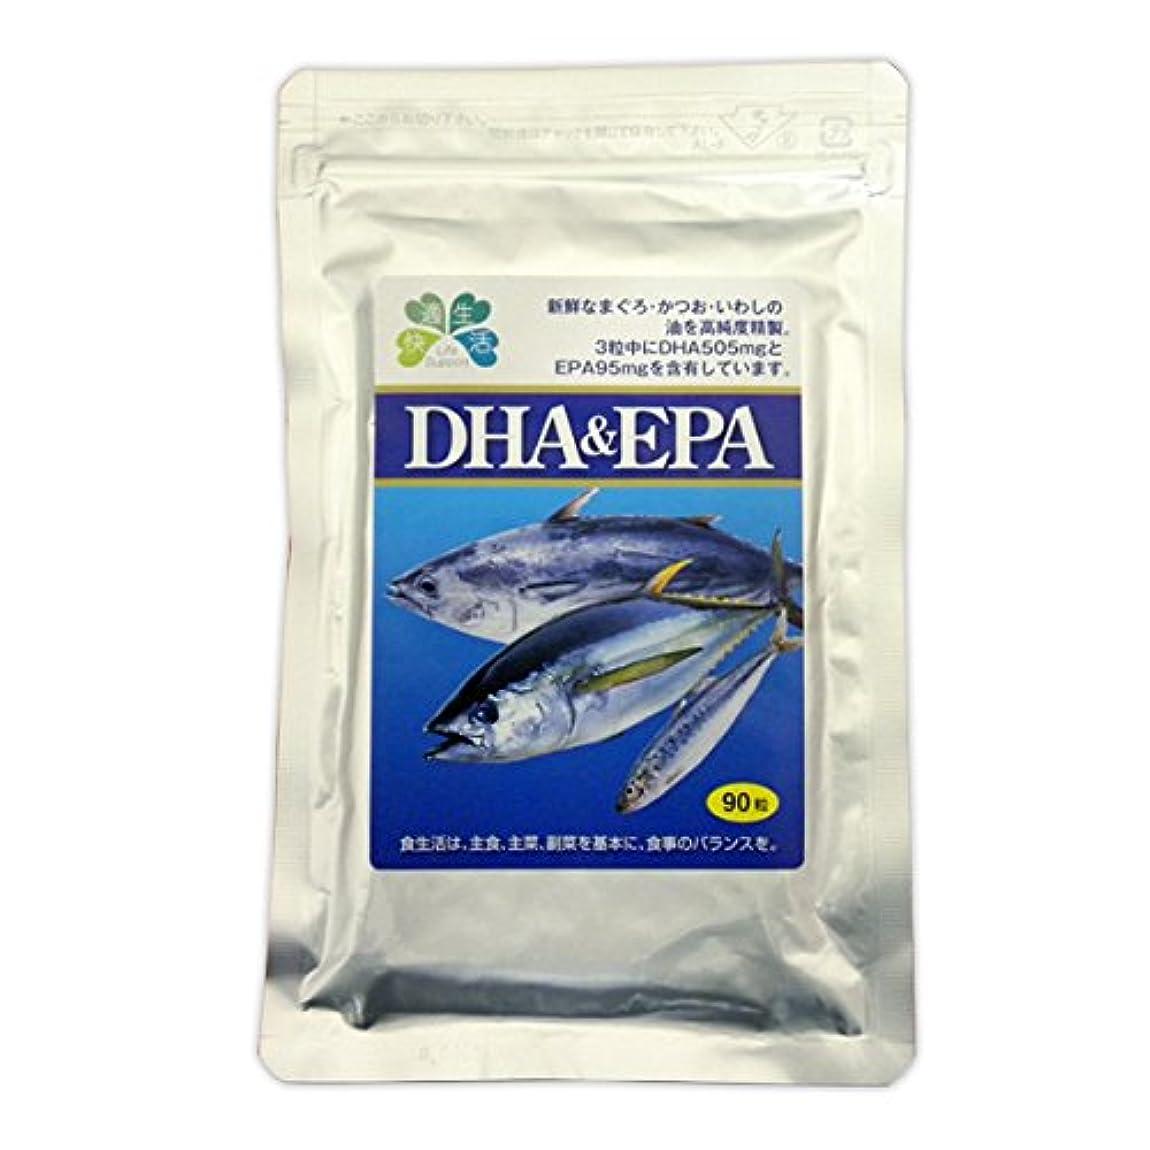 退屈させるクリア暗い快適生活 DHA&EPA 4袋